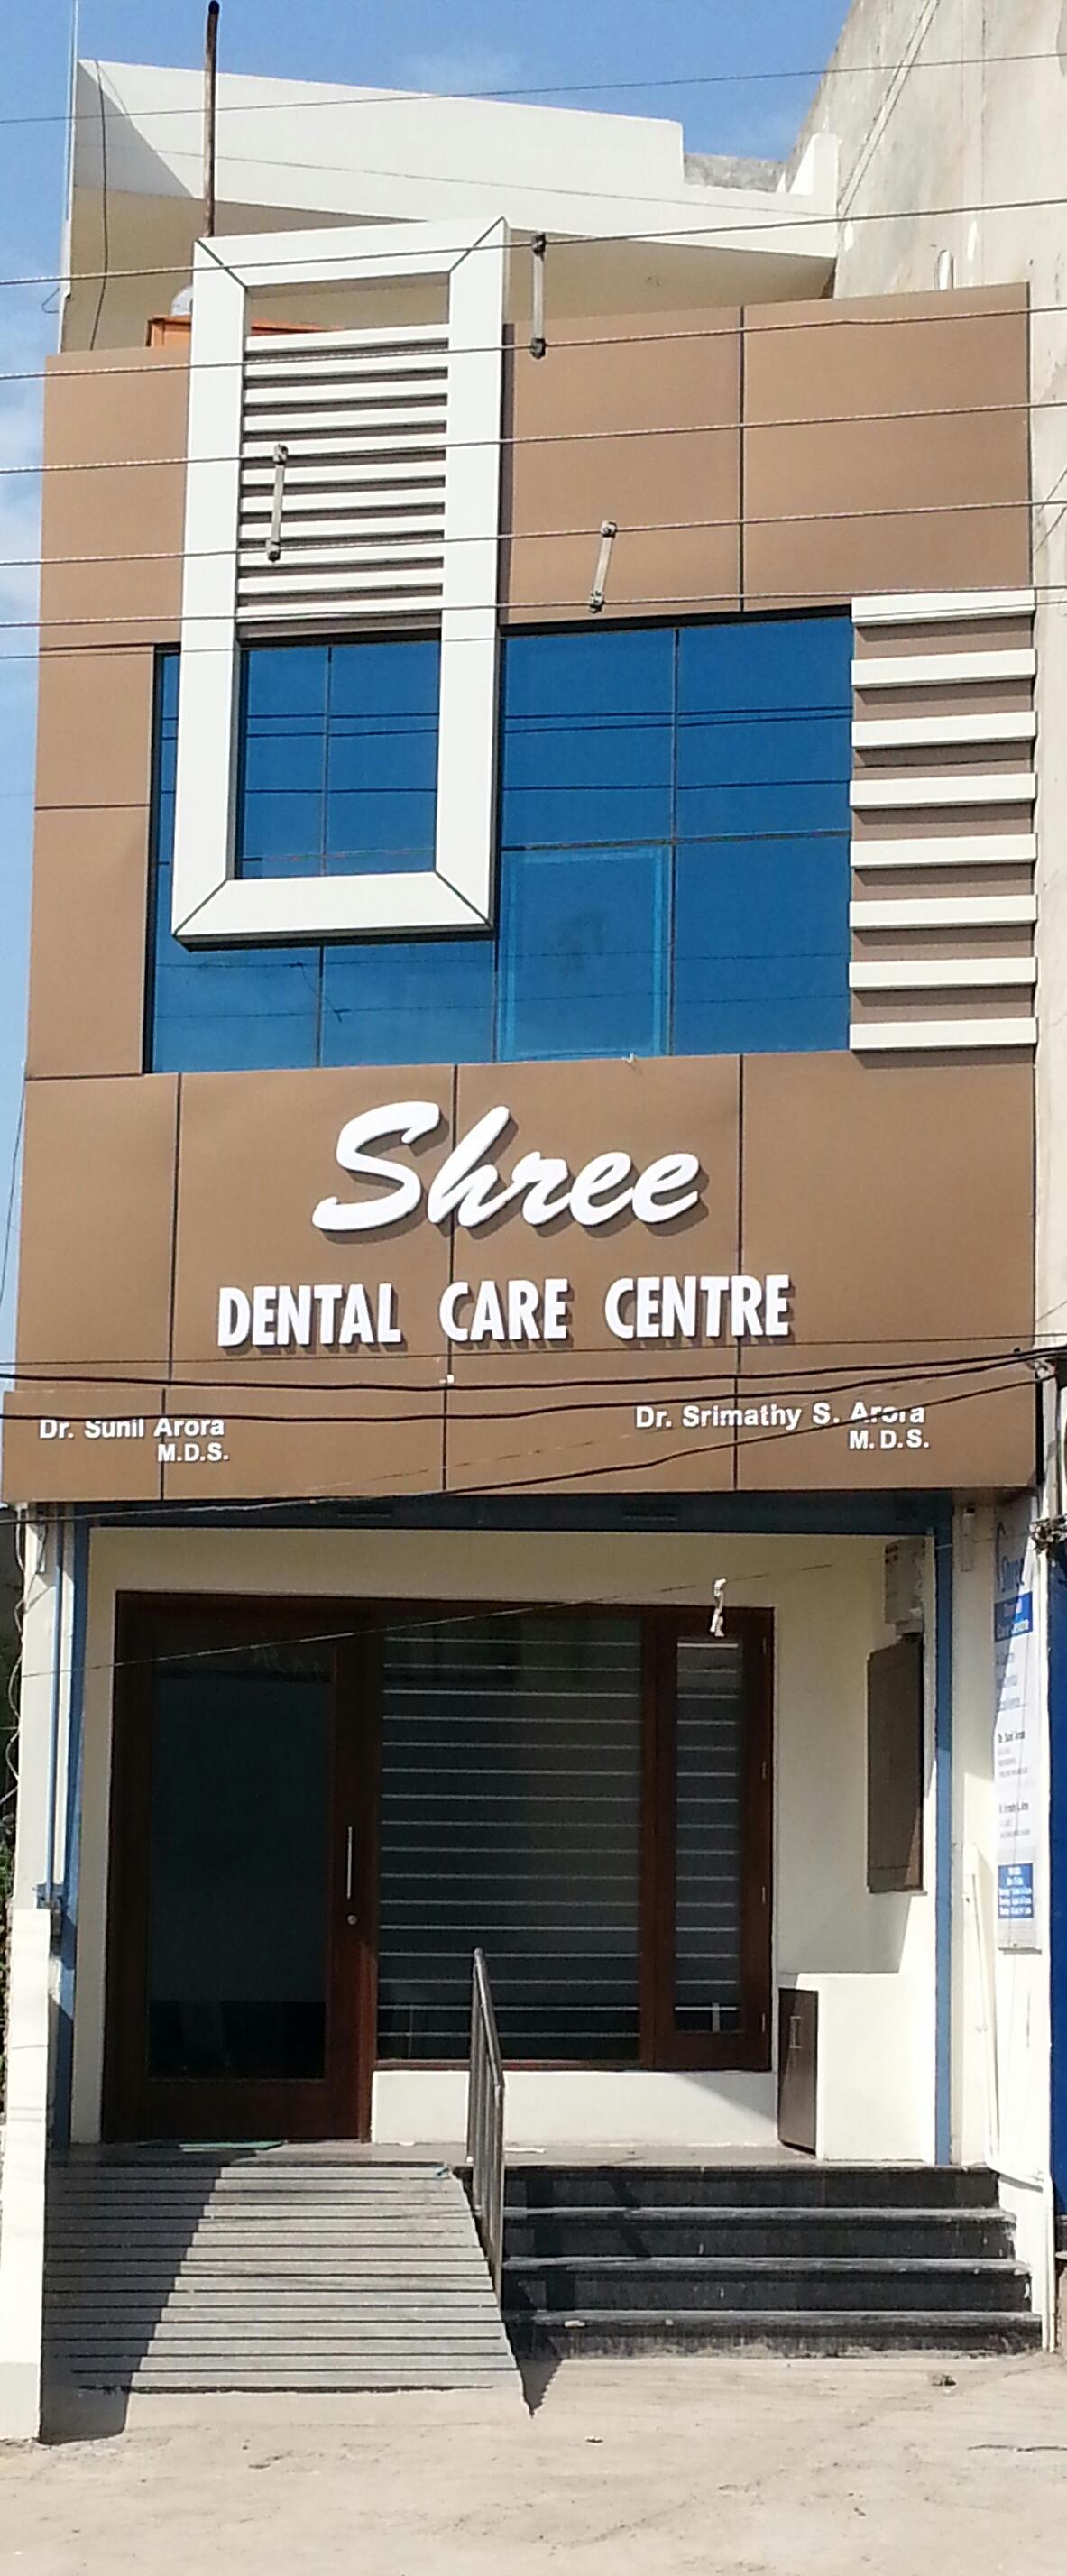 Shree Dental Care Centre